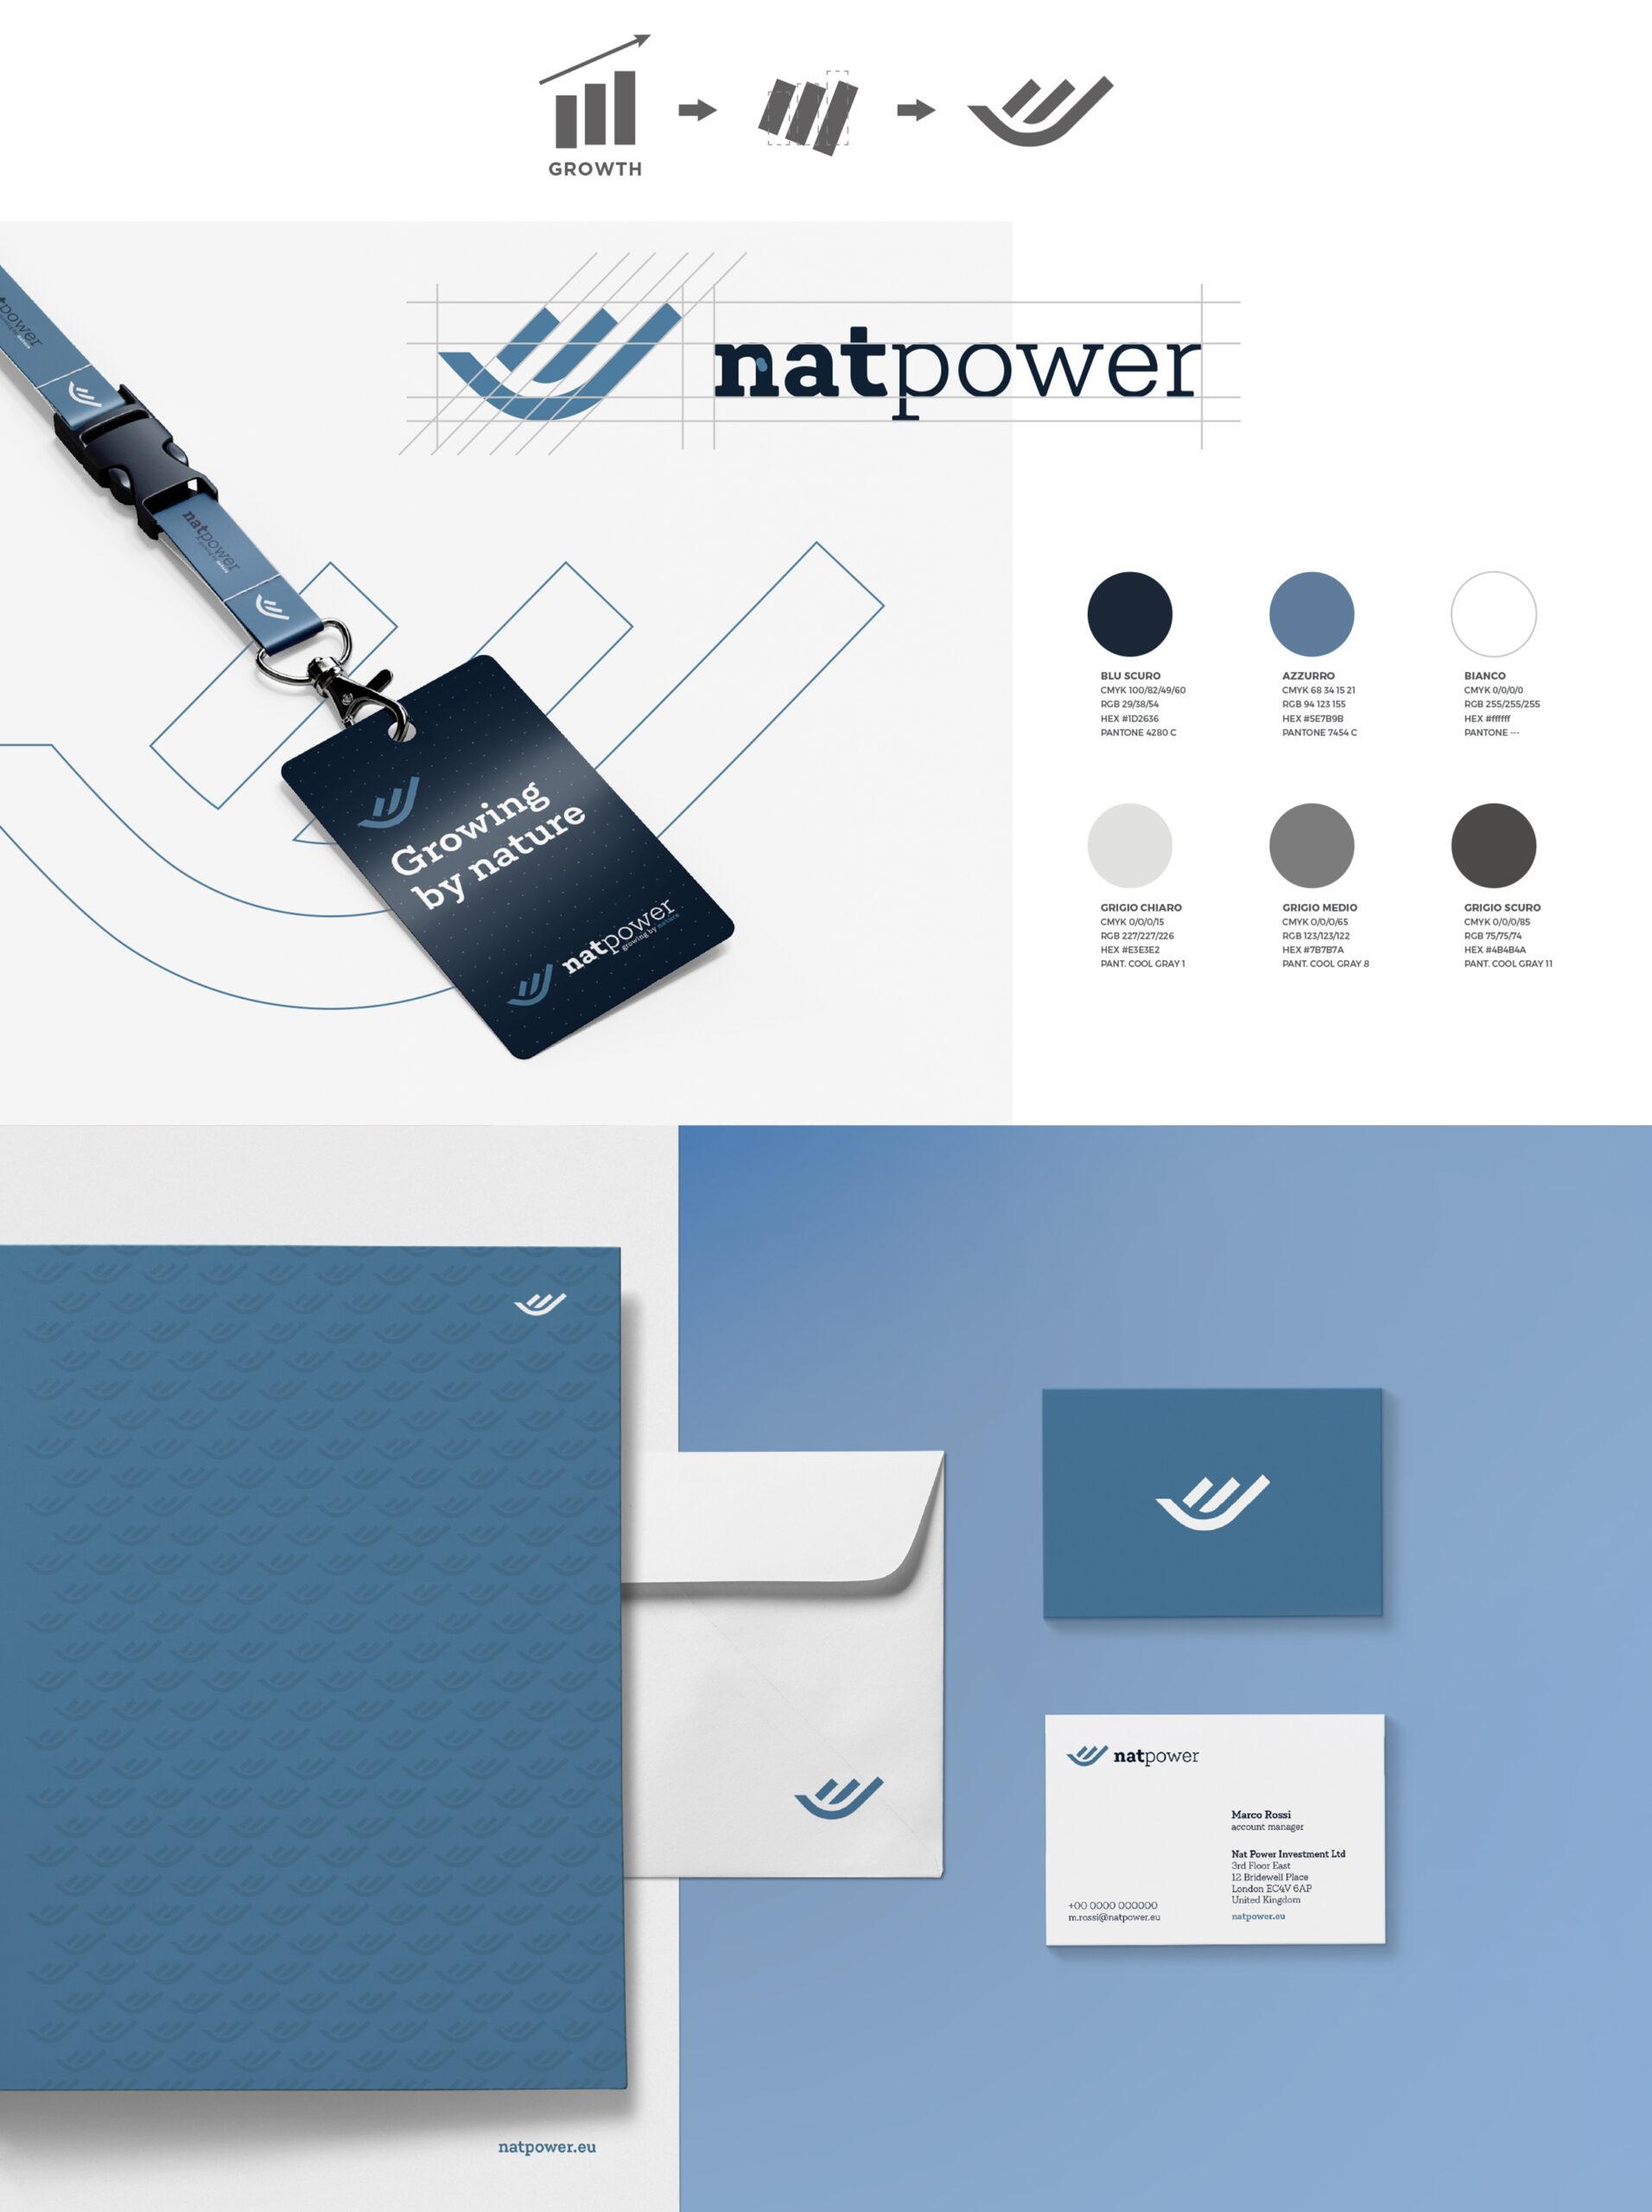 Nat power_brand identity